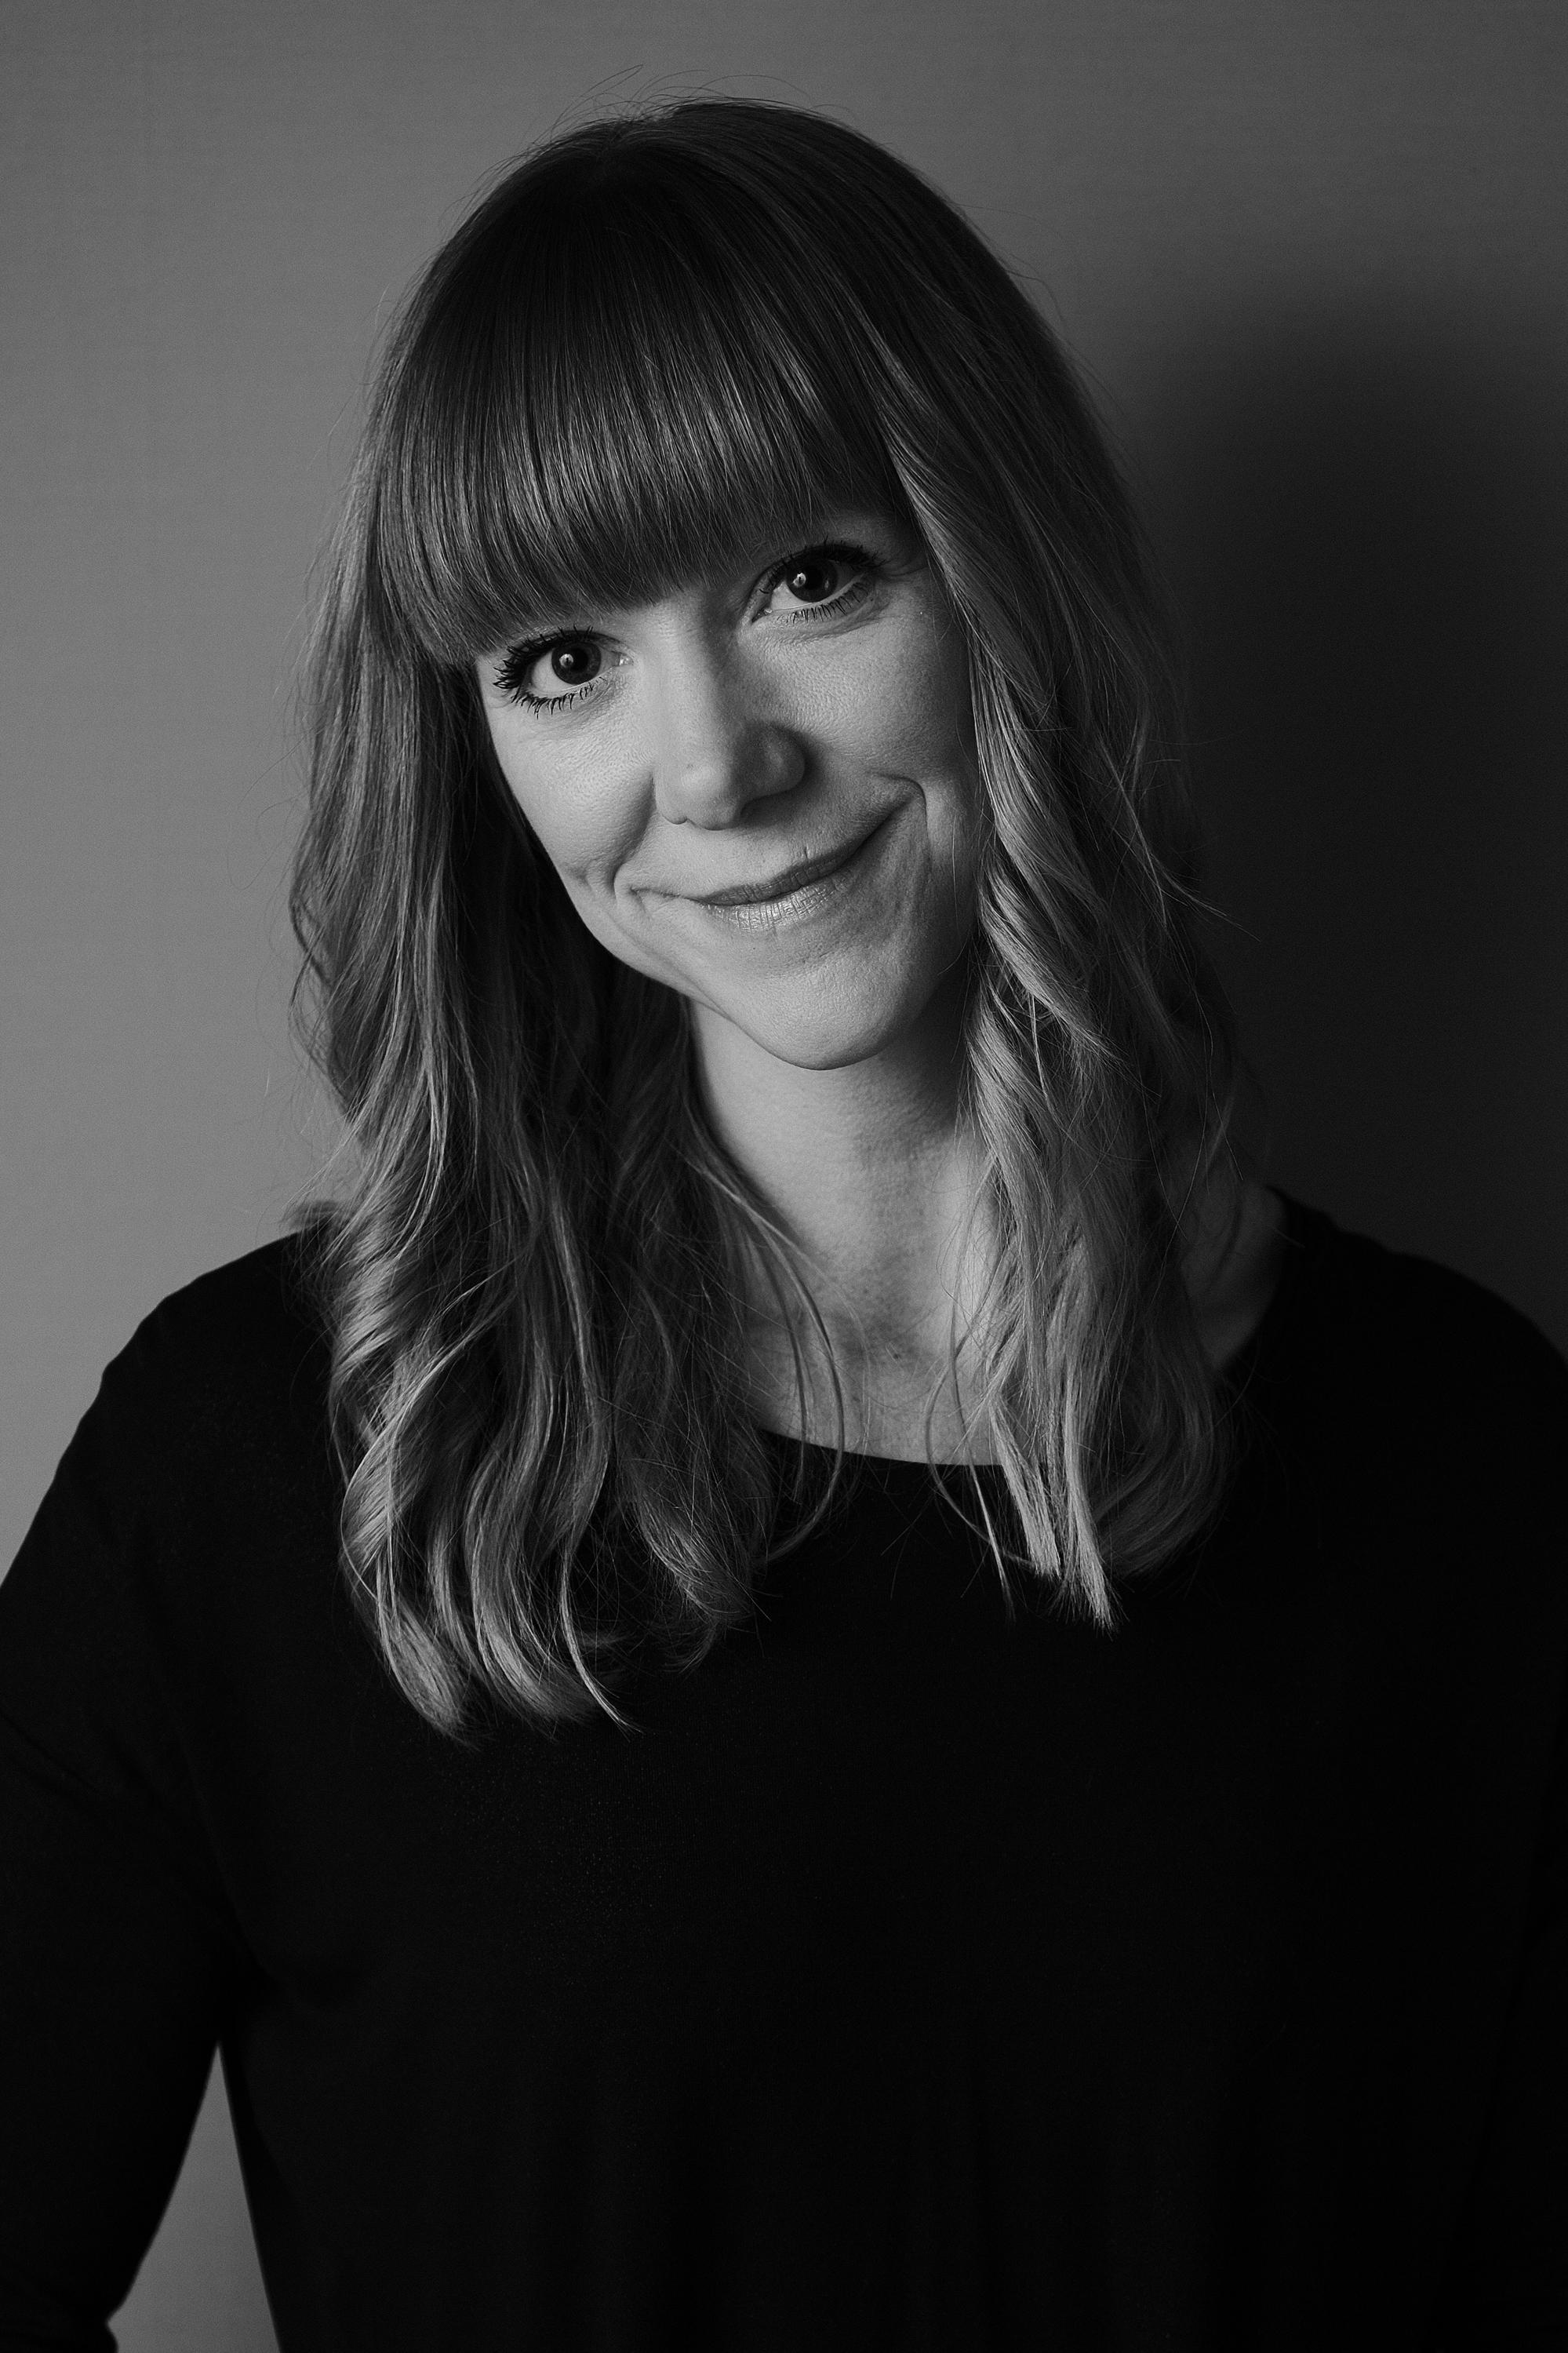 Terresa Bartsch - Wife, Mother, Photographer